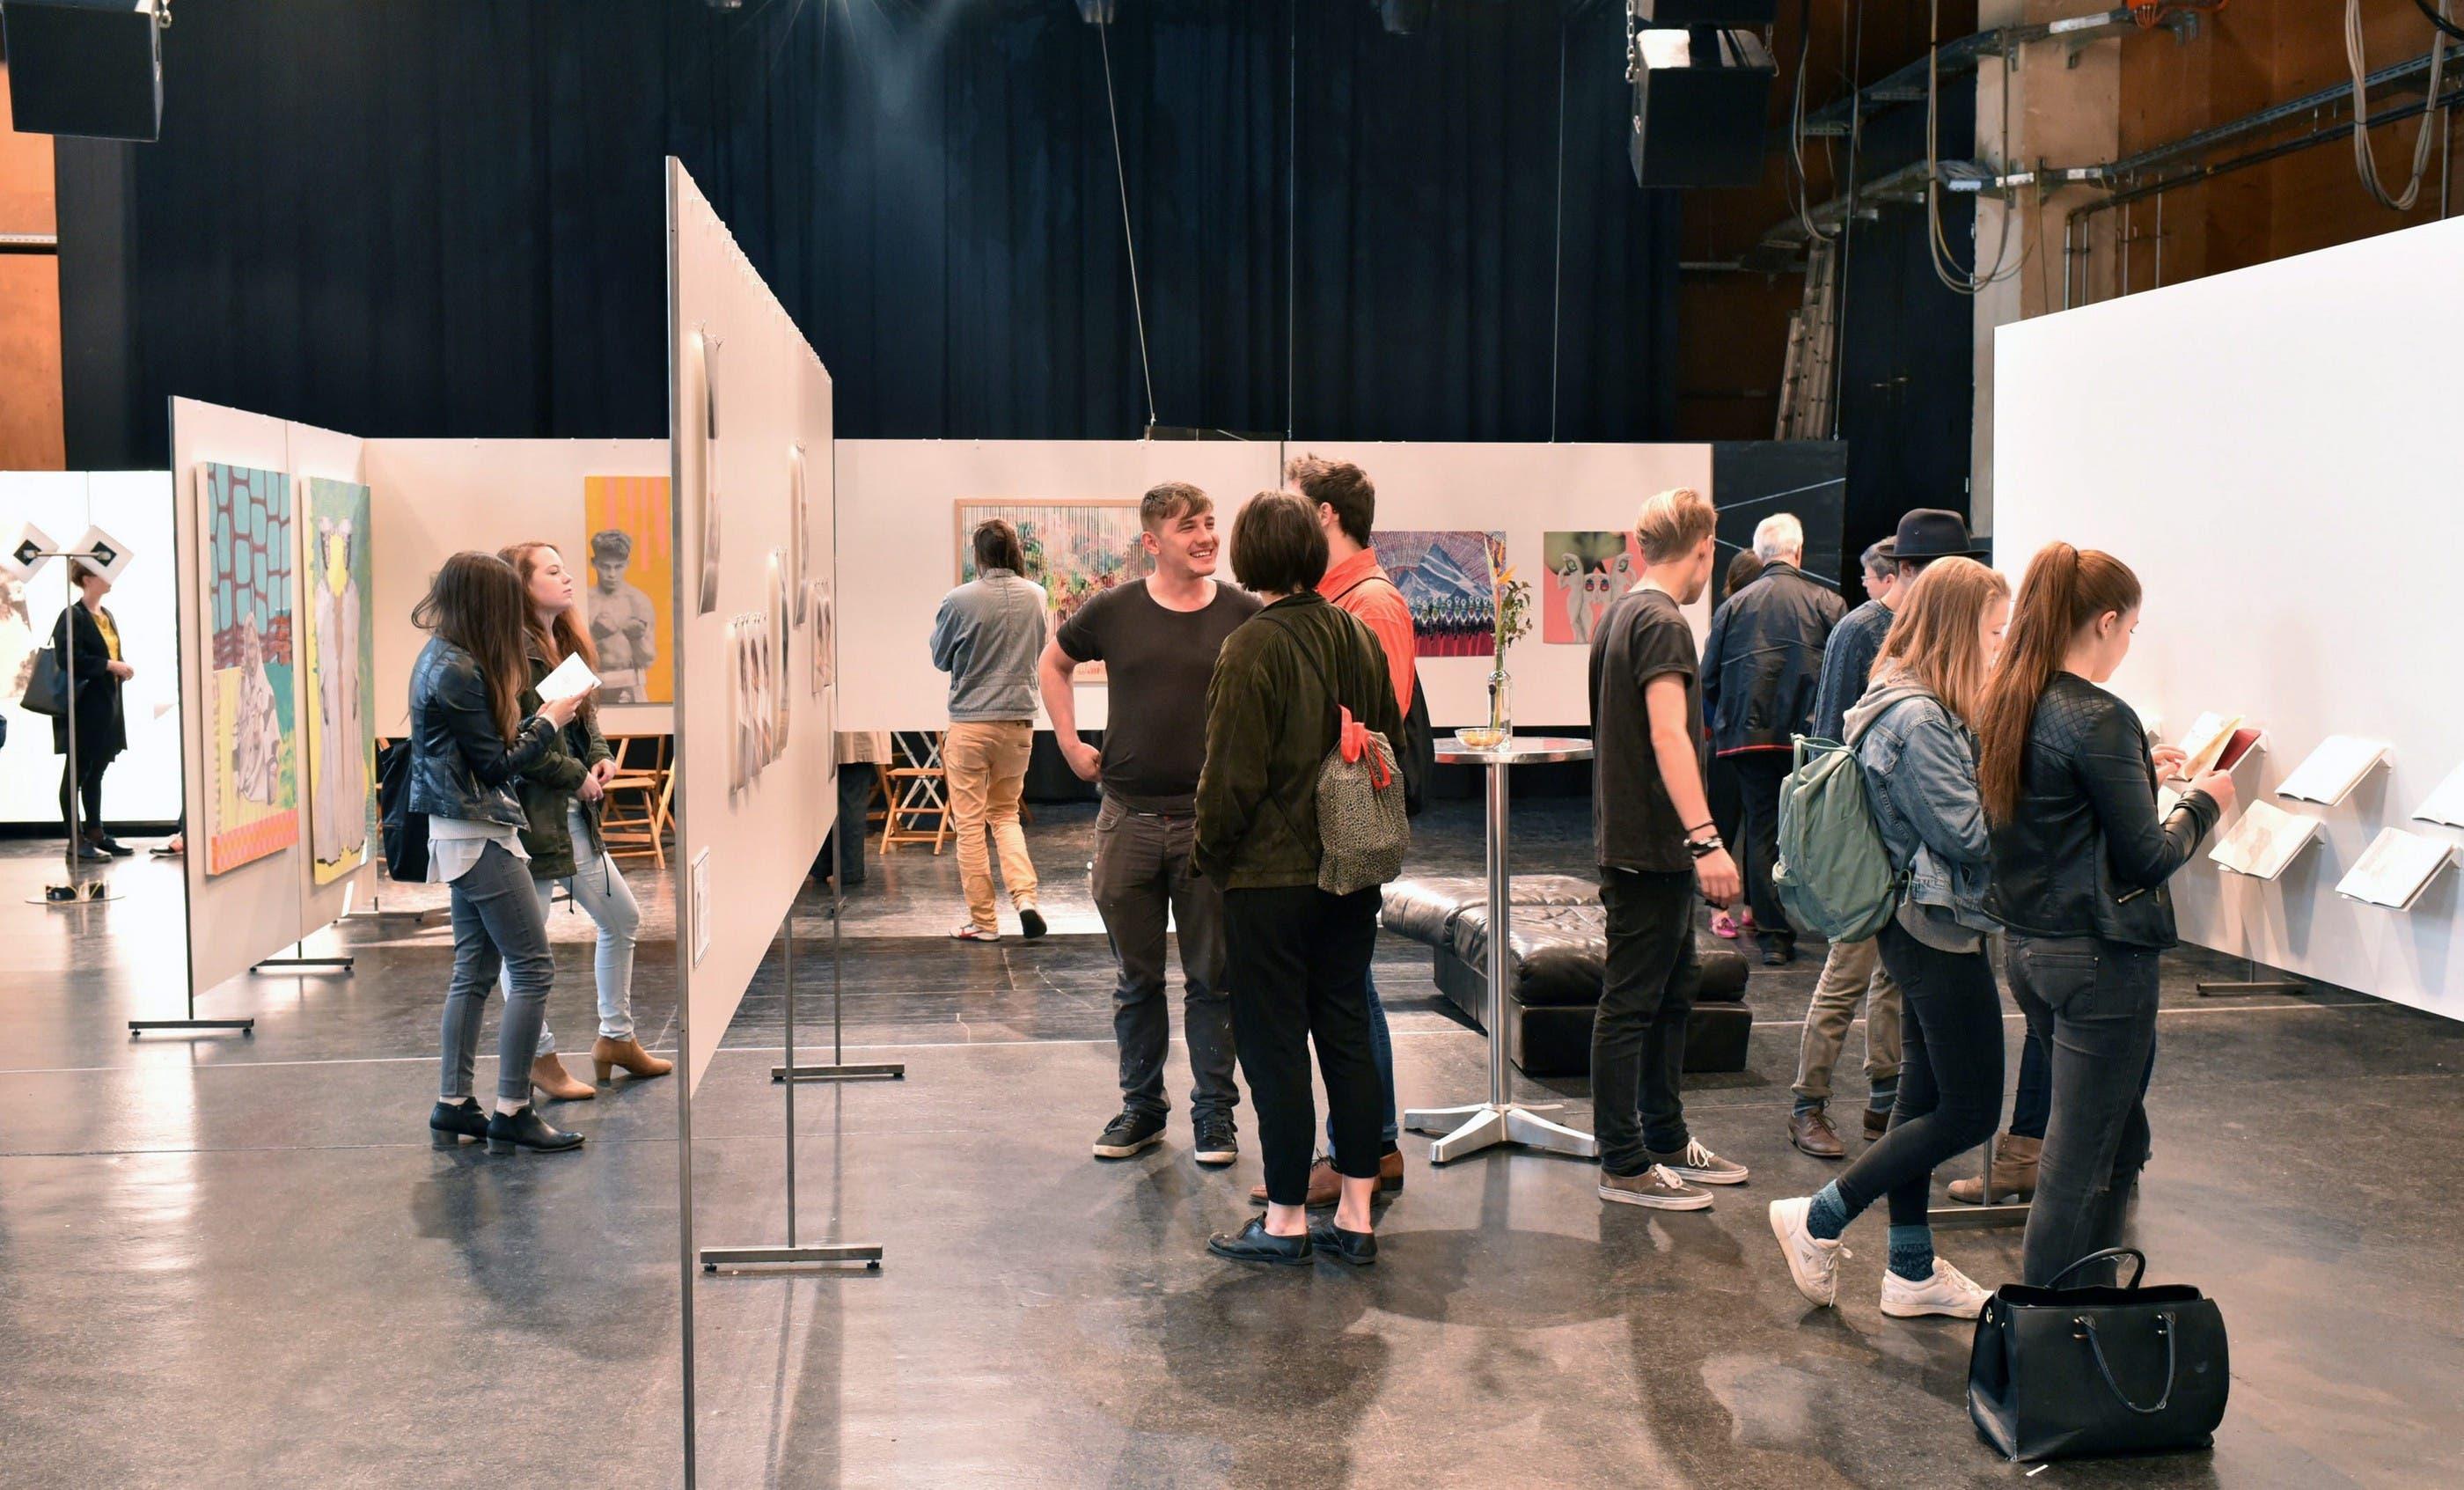 Sie präsentieren Zeichnungen, Tusch- und Ölmalereien, Fotografien, Installationen sowie Objekte aus Mischtechniken.